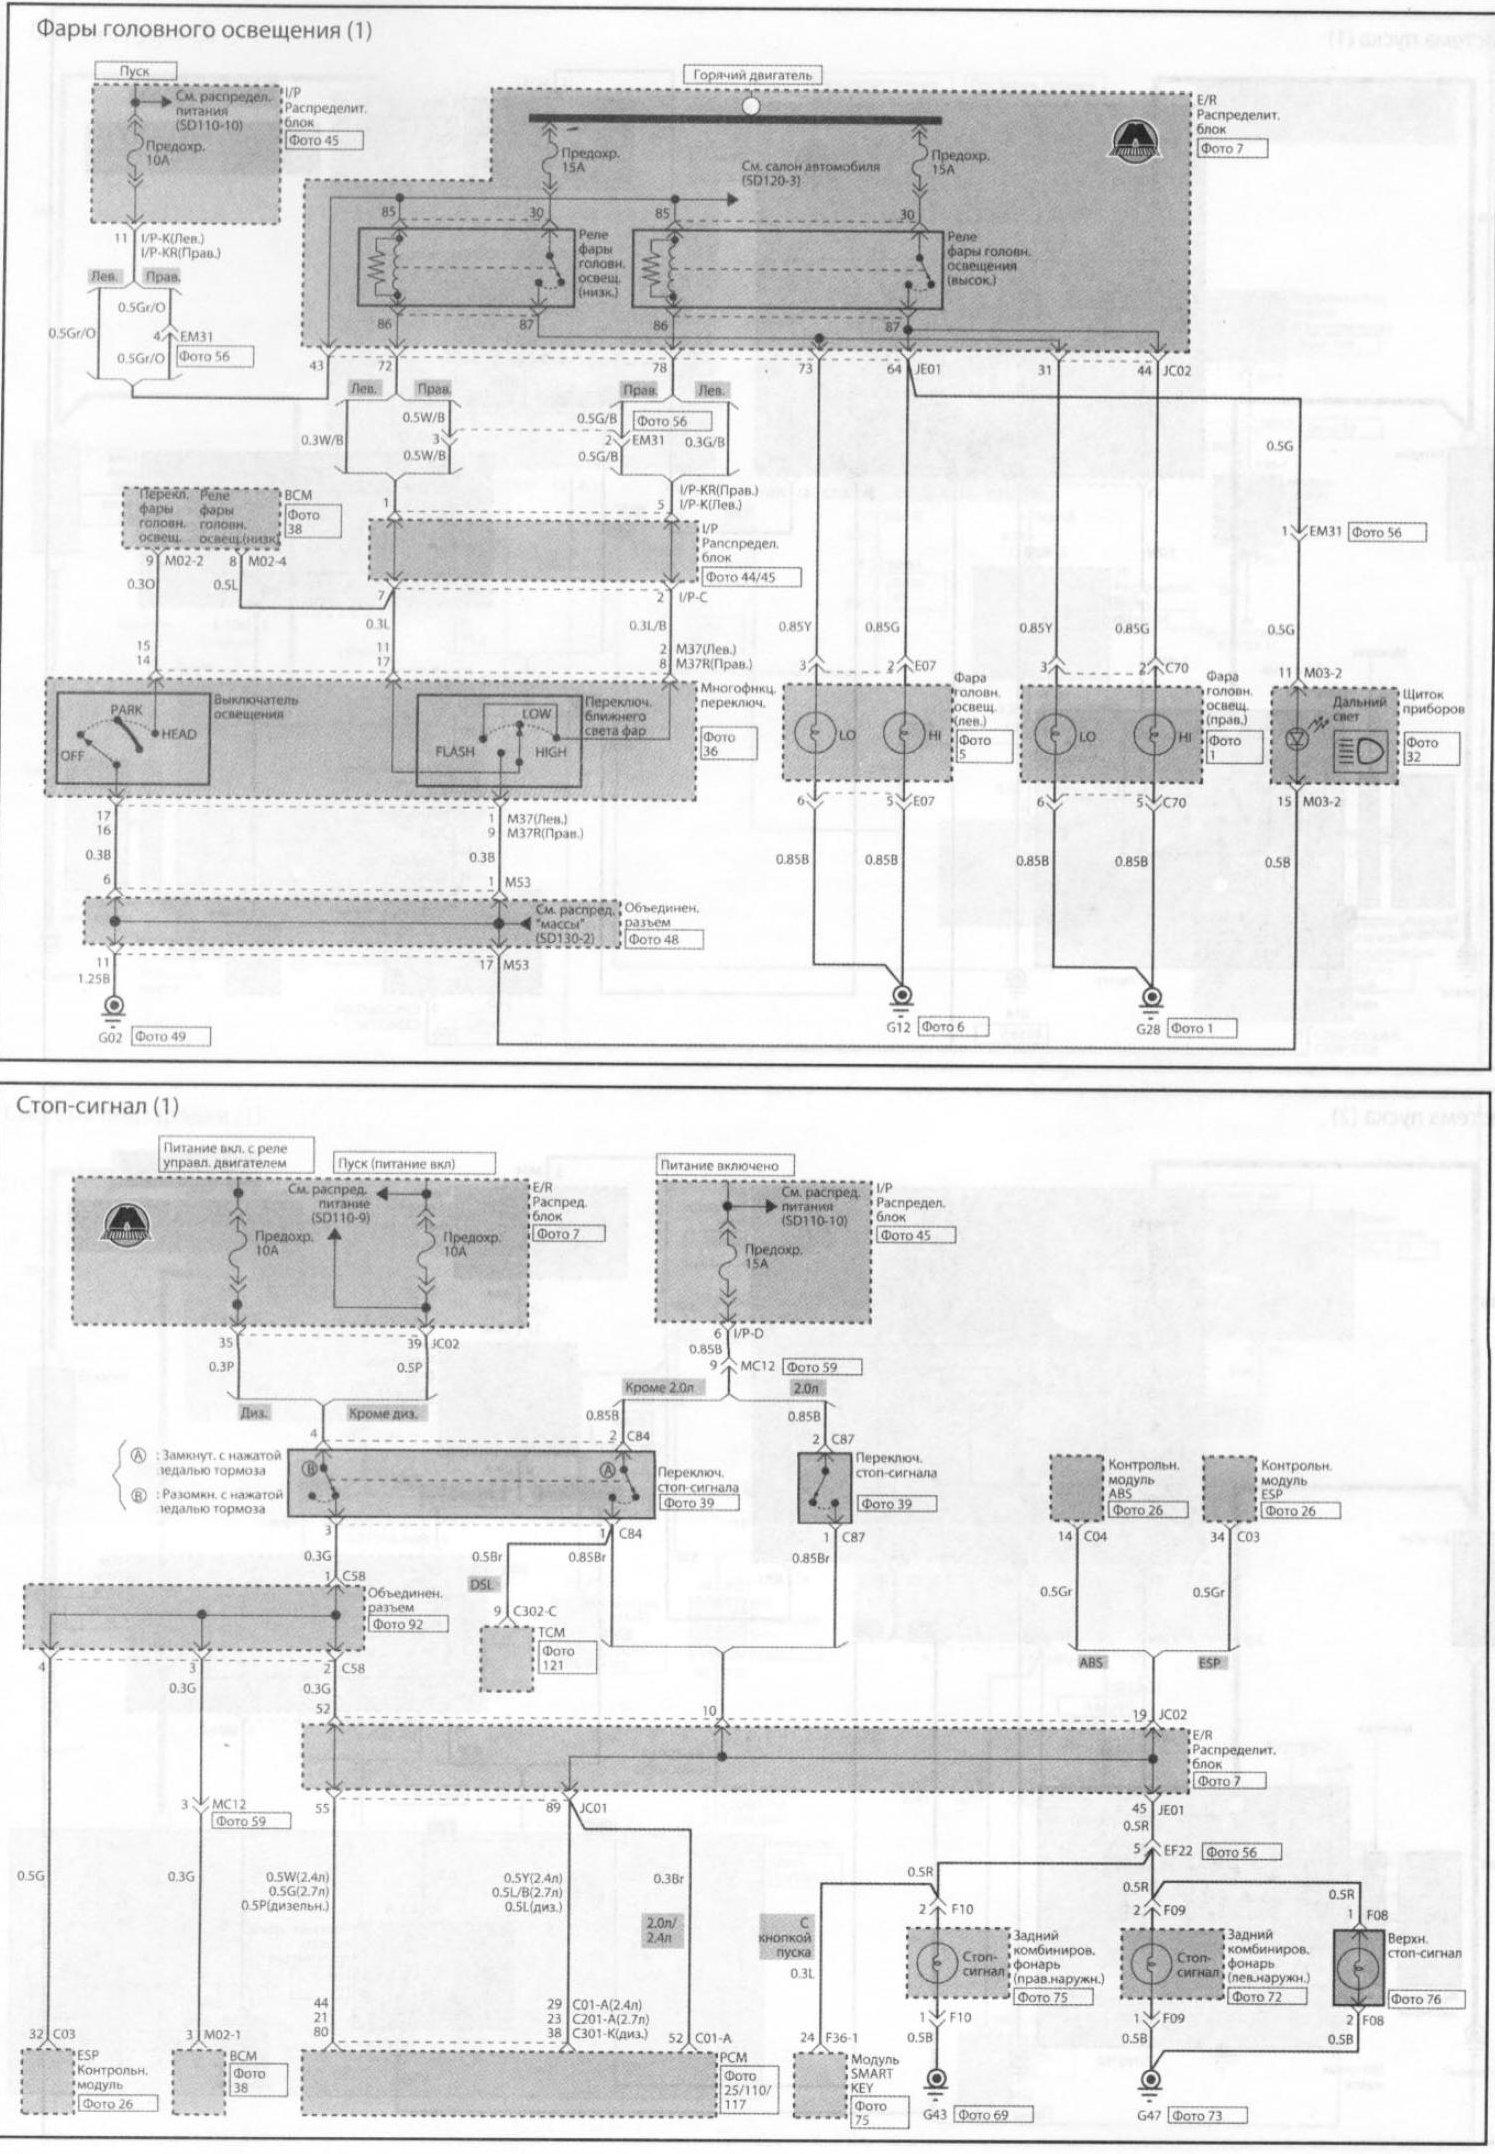 Kia%2BOptima?t=1508491257 kia car manuals, wiring diagrams pdf & fault codes 2001 kia sportage wiring diagram pdf at reclaimingppi.co